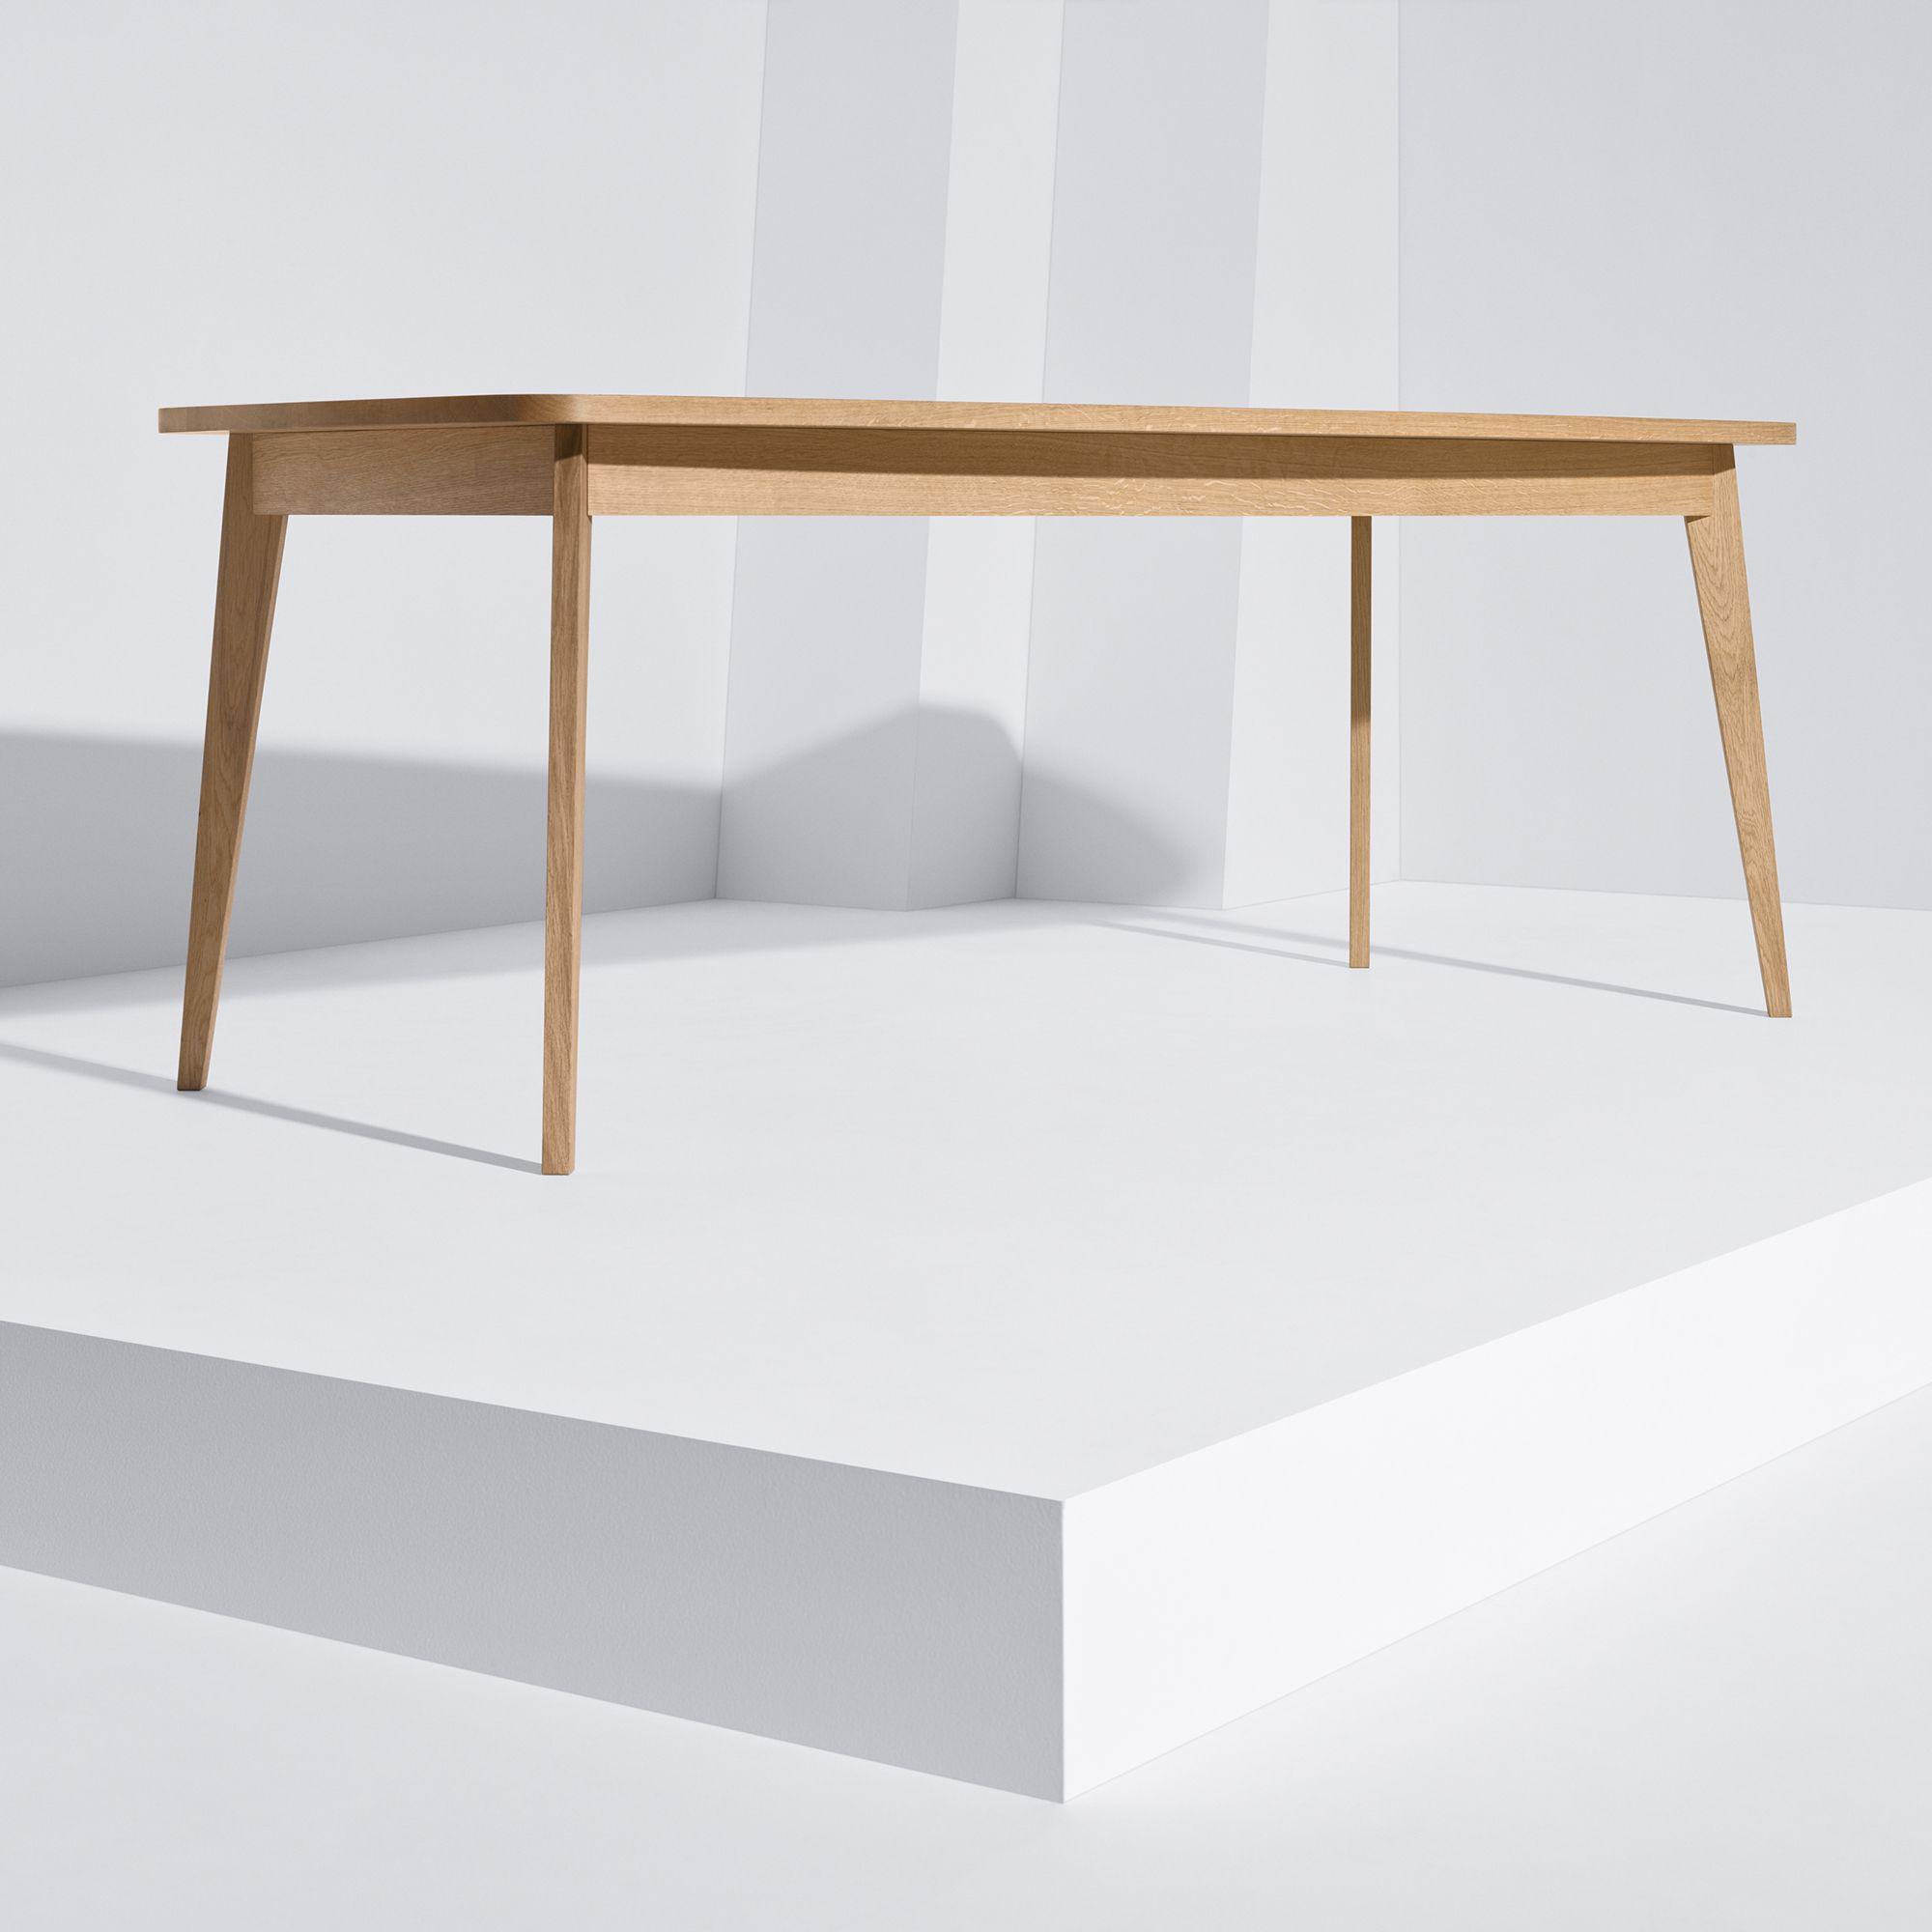 Usus Table im weißen Raum